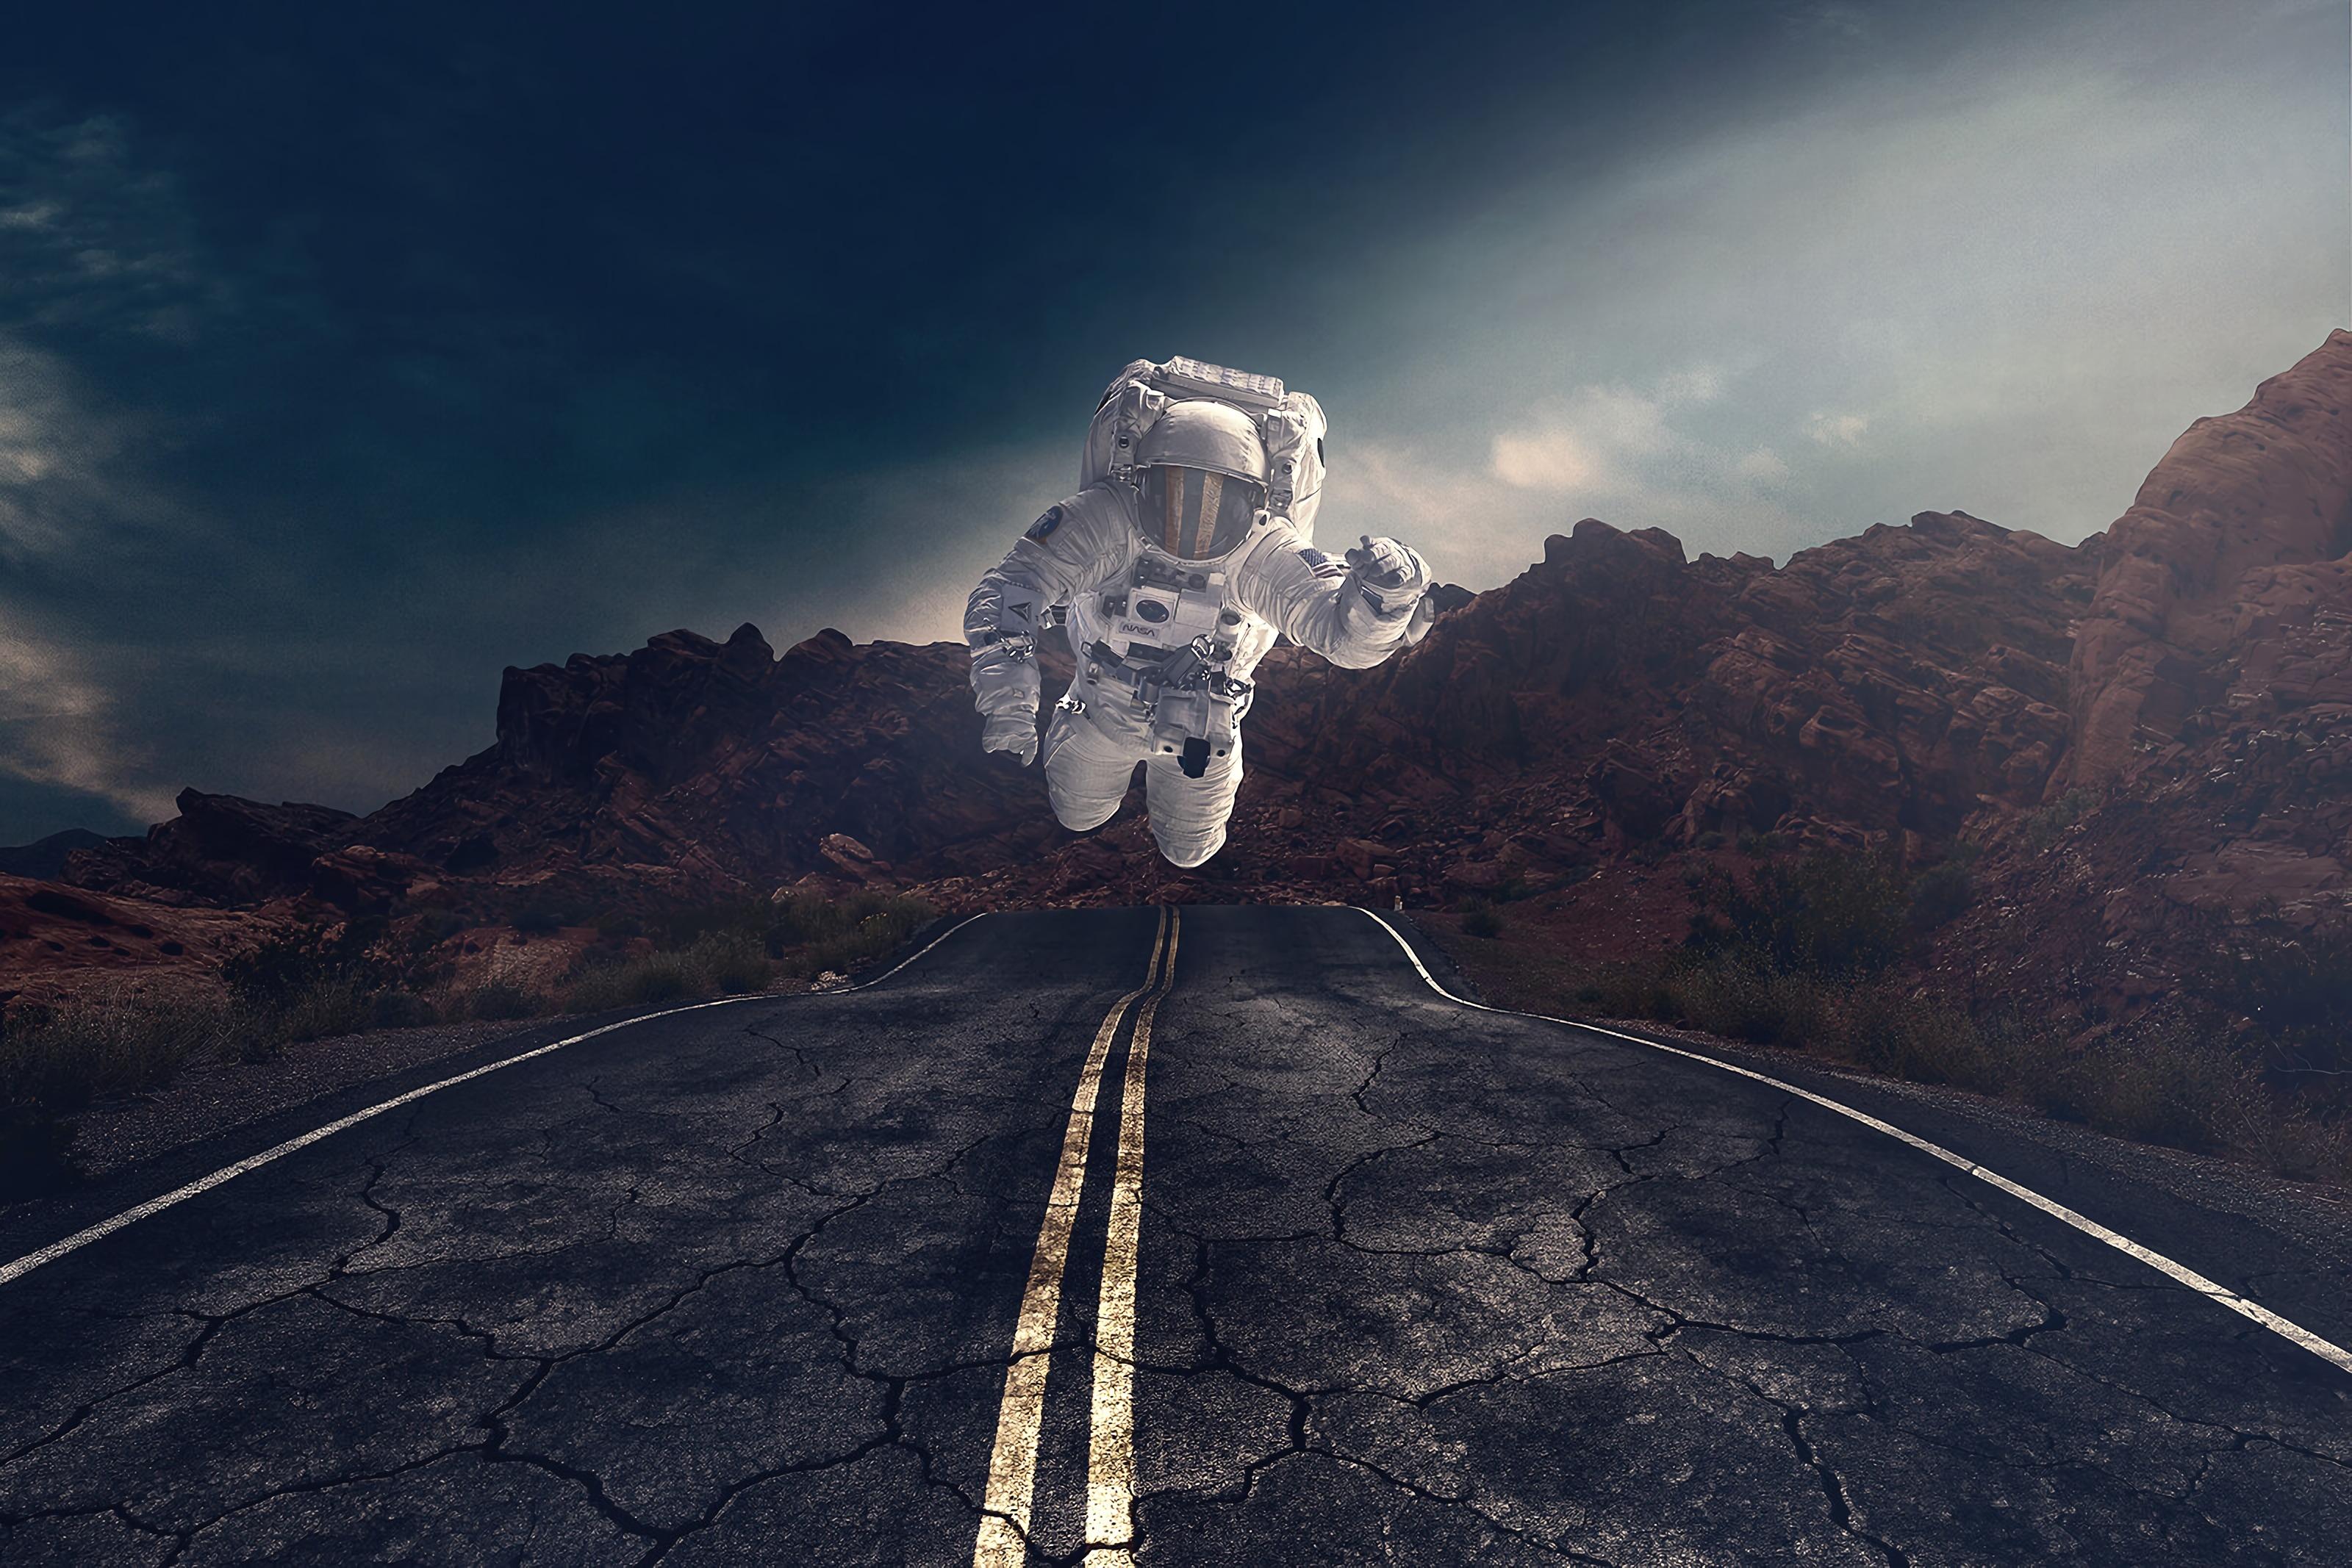 114606 скачать обои Разное, Камни, Асфальт, Скалы, Дорога, Астронавт, Гравитация - заставки и картинки бесплатно